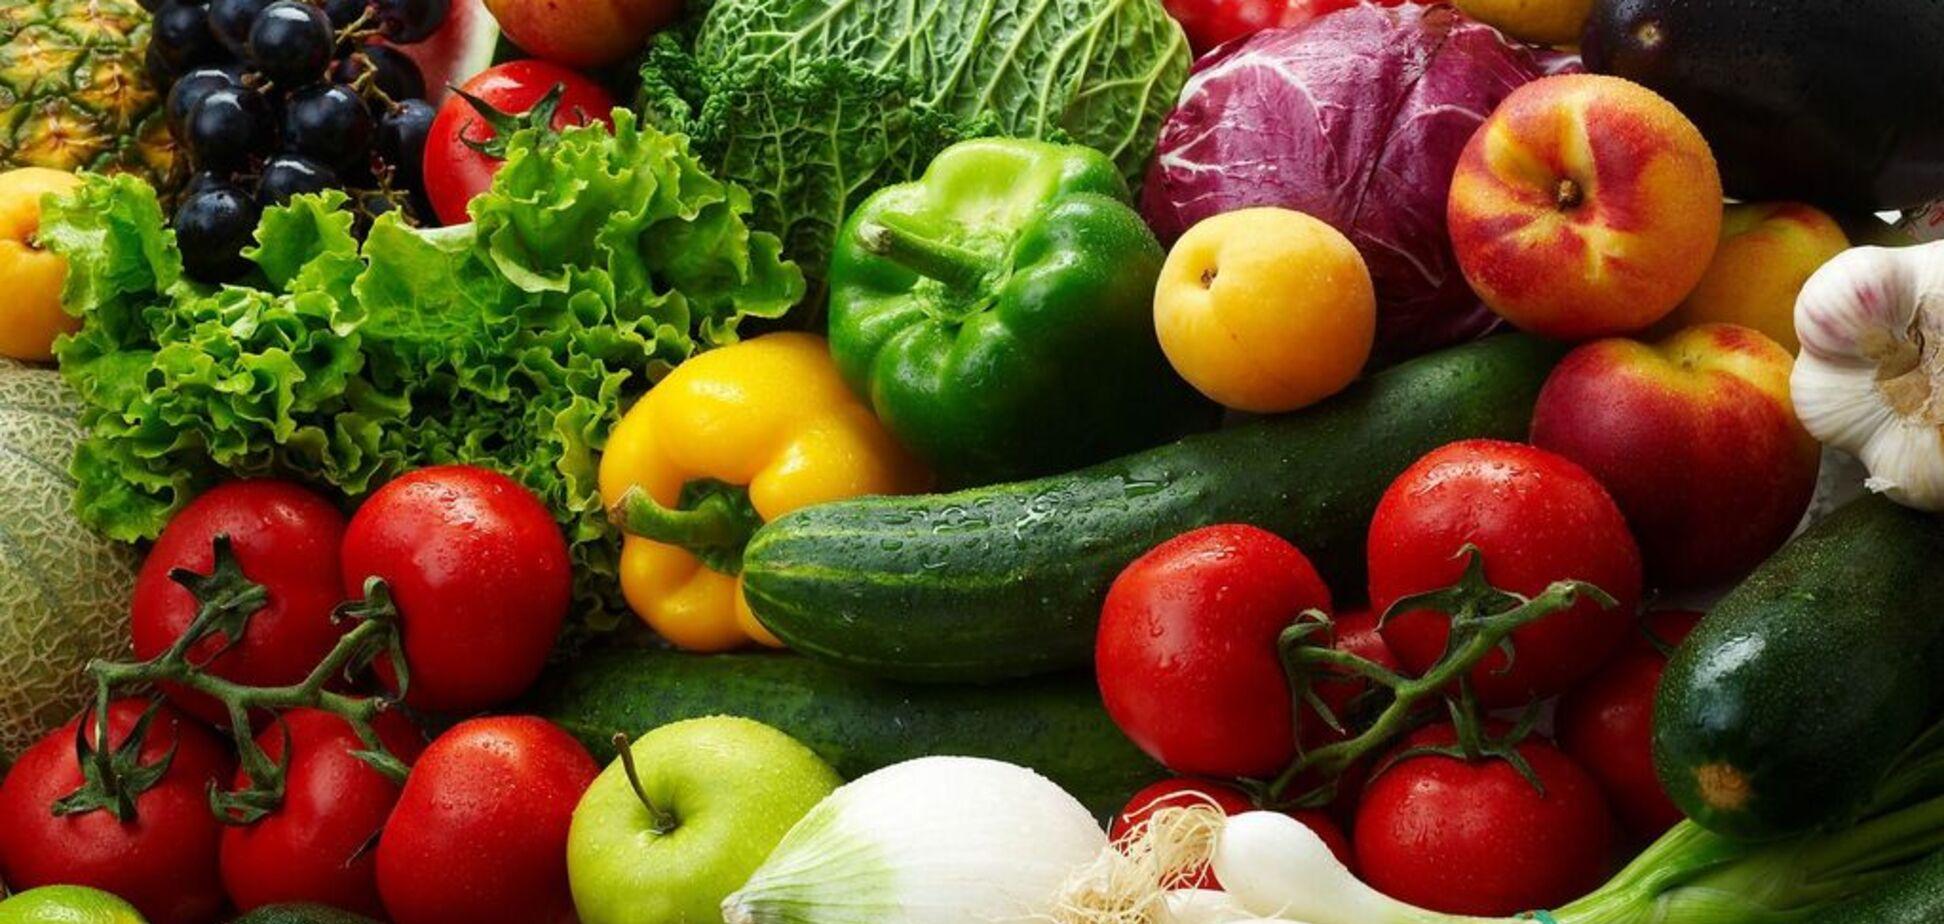 Евросоюз внезапно запретил поставки украинских фруктов: в чем дело